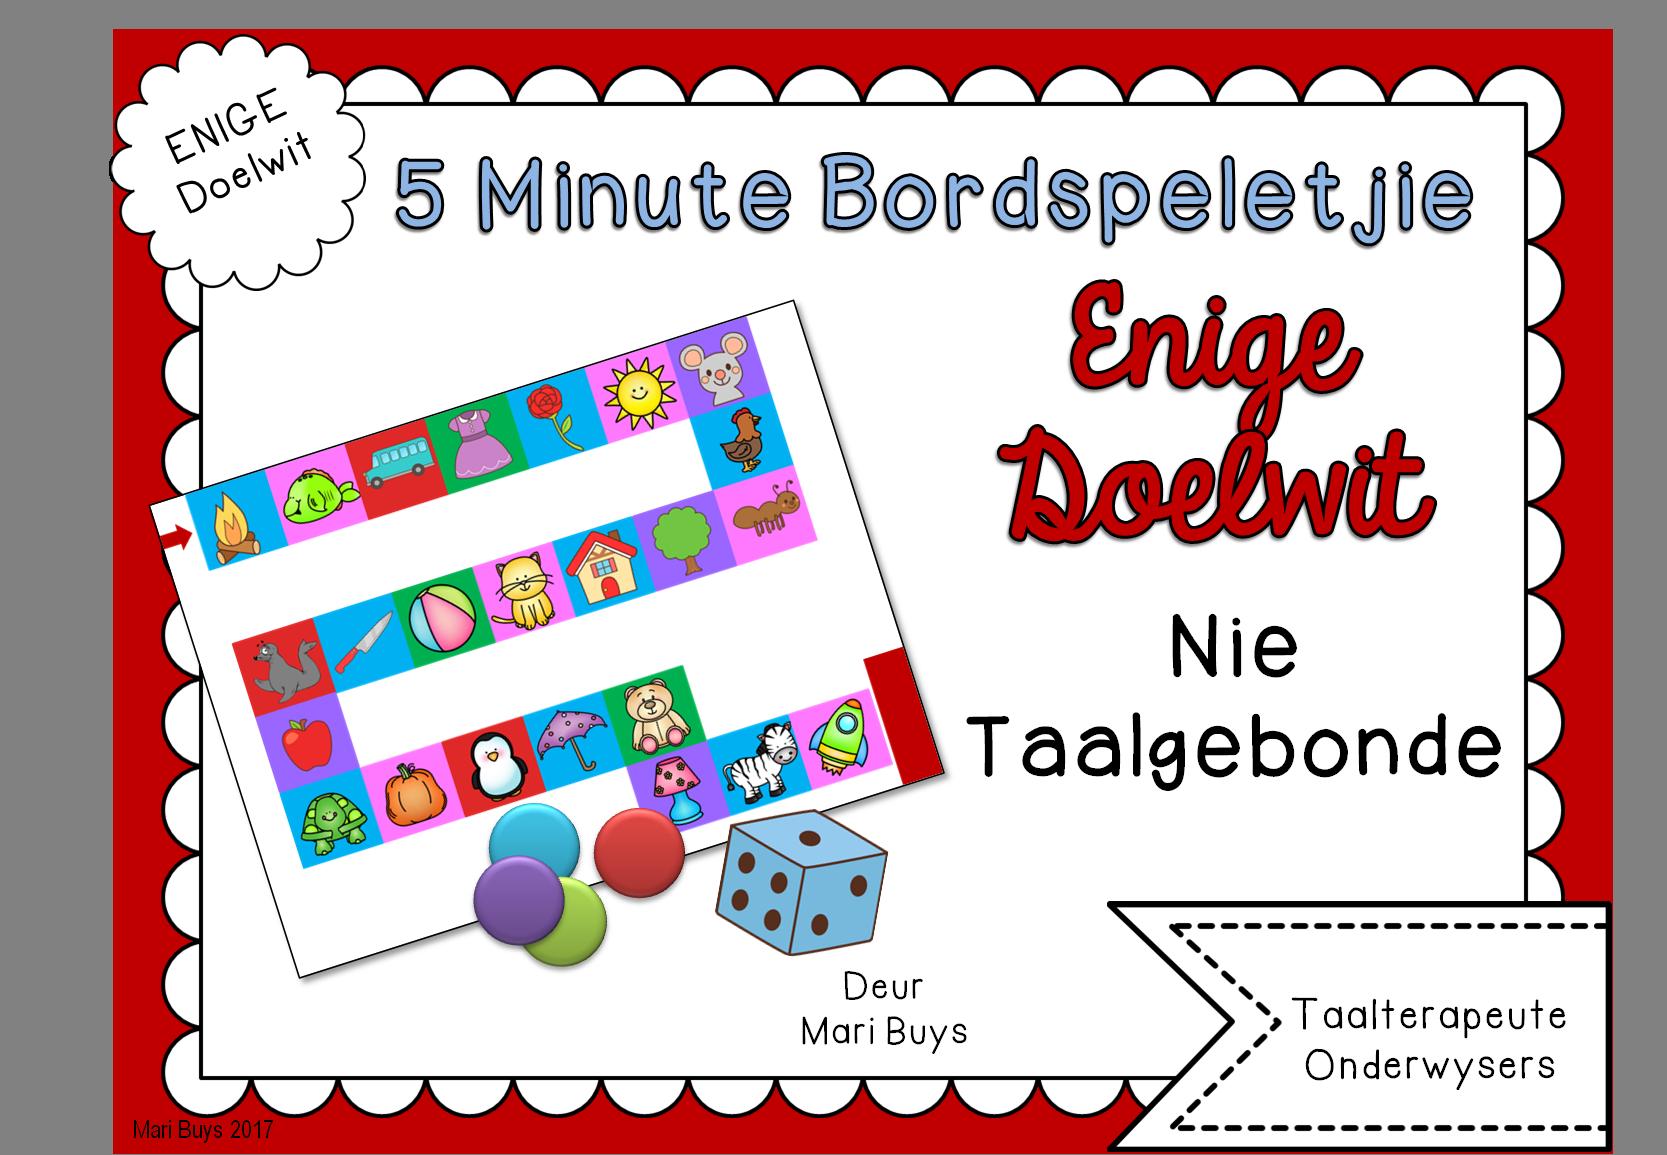 5-minute-Bordspeletjie.png